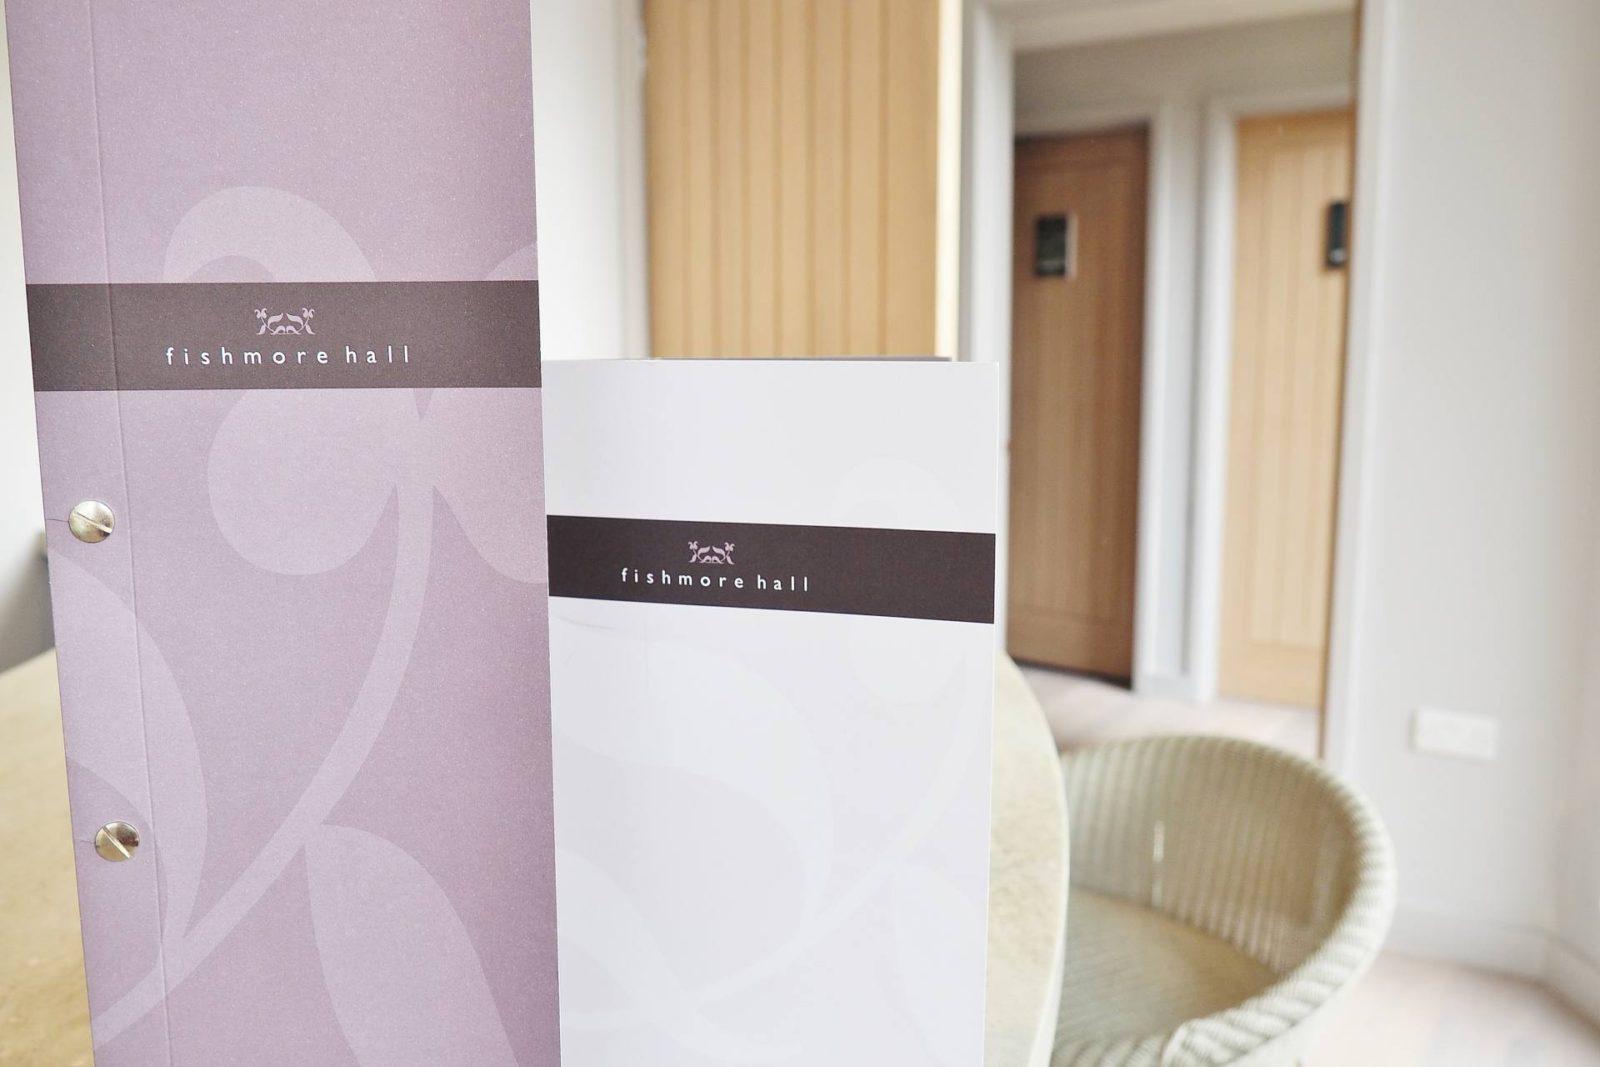 Emma Victoria Stokes Fishmore Hall Ludlow Hotel Menu